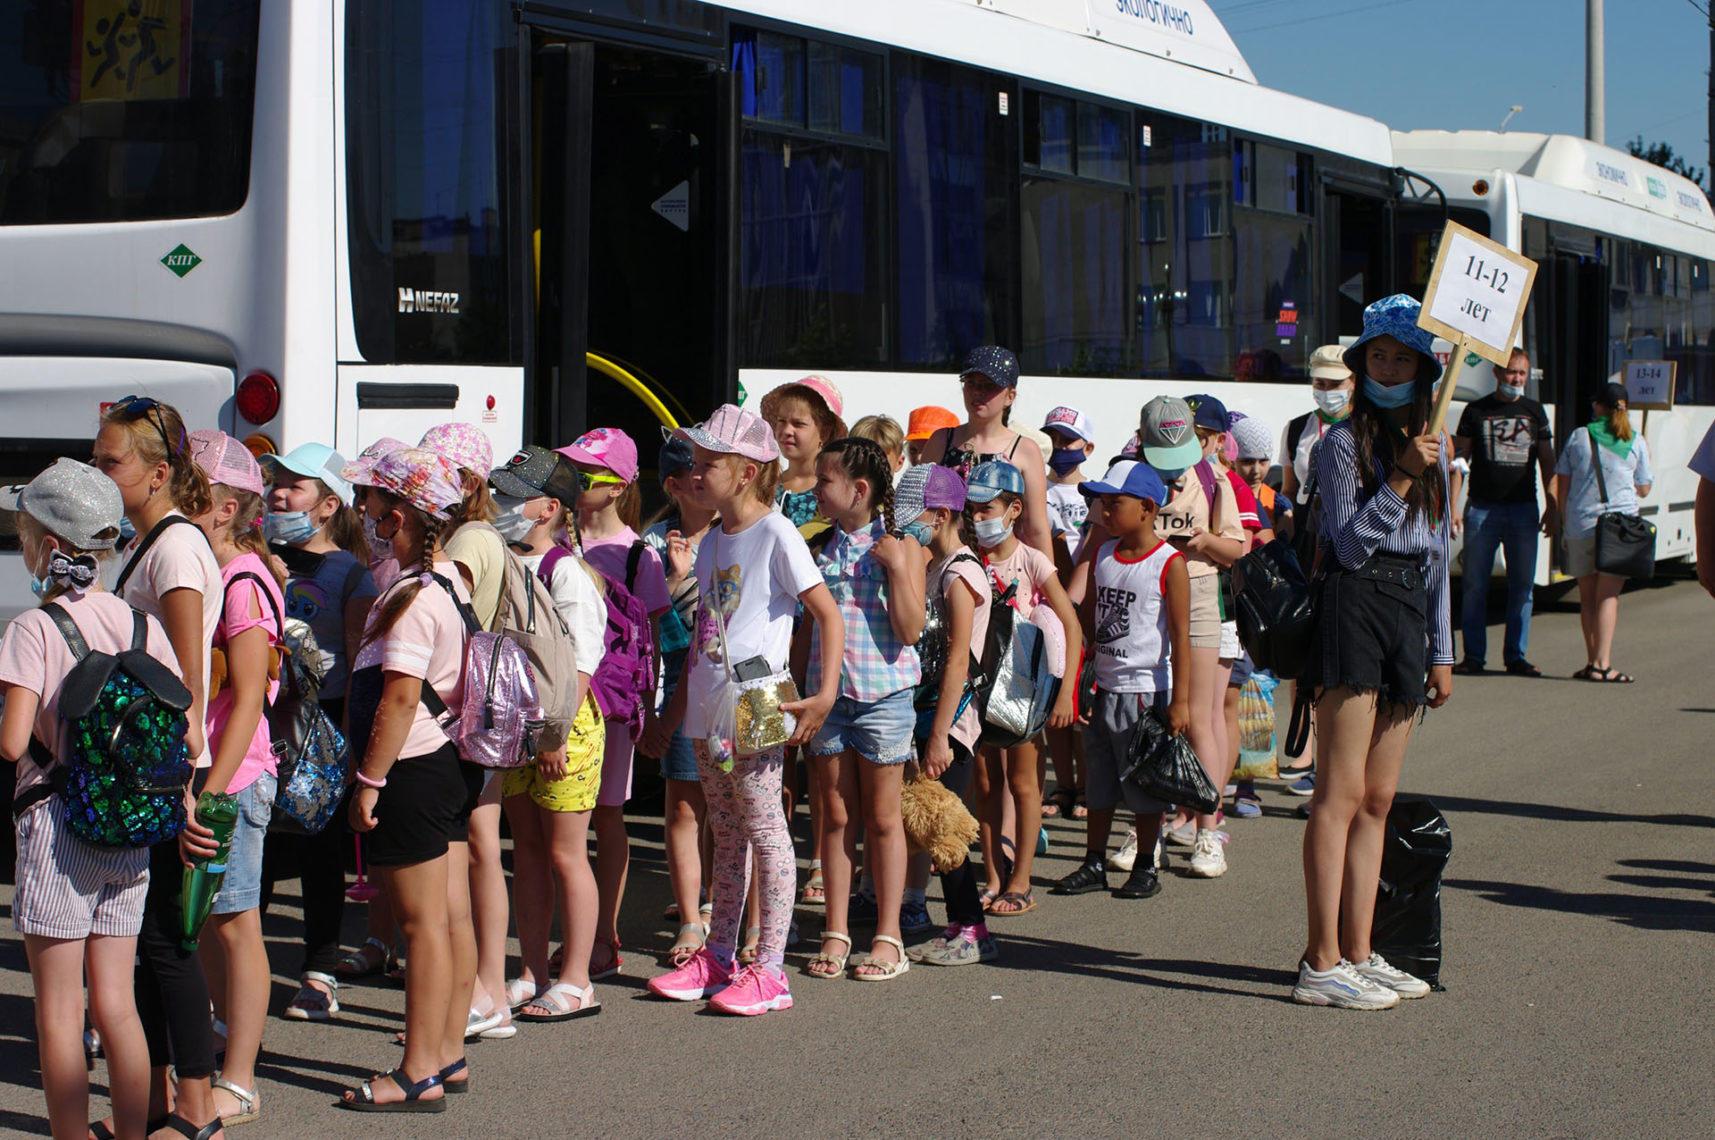 В добрый путь! 400 ребят из Магнитки отправились отдыхать в загородный лагерь